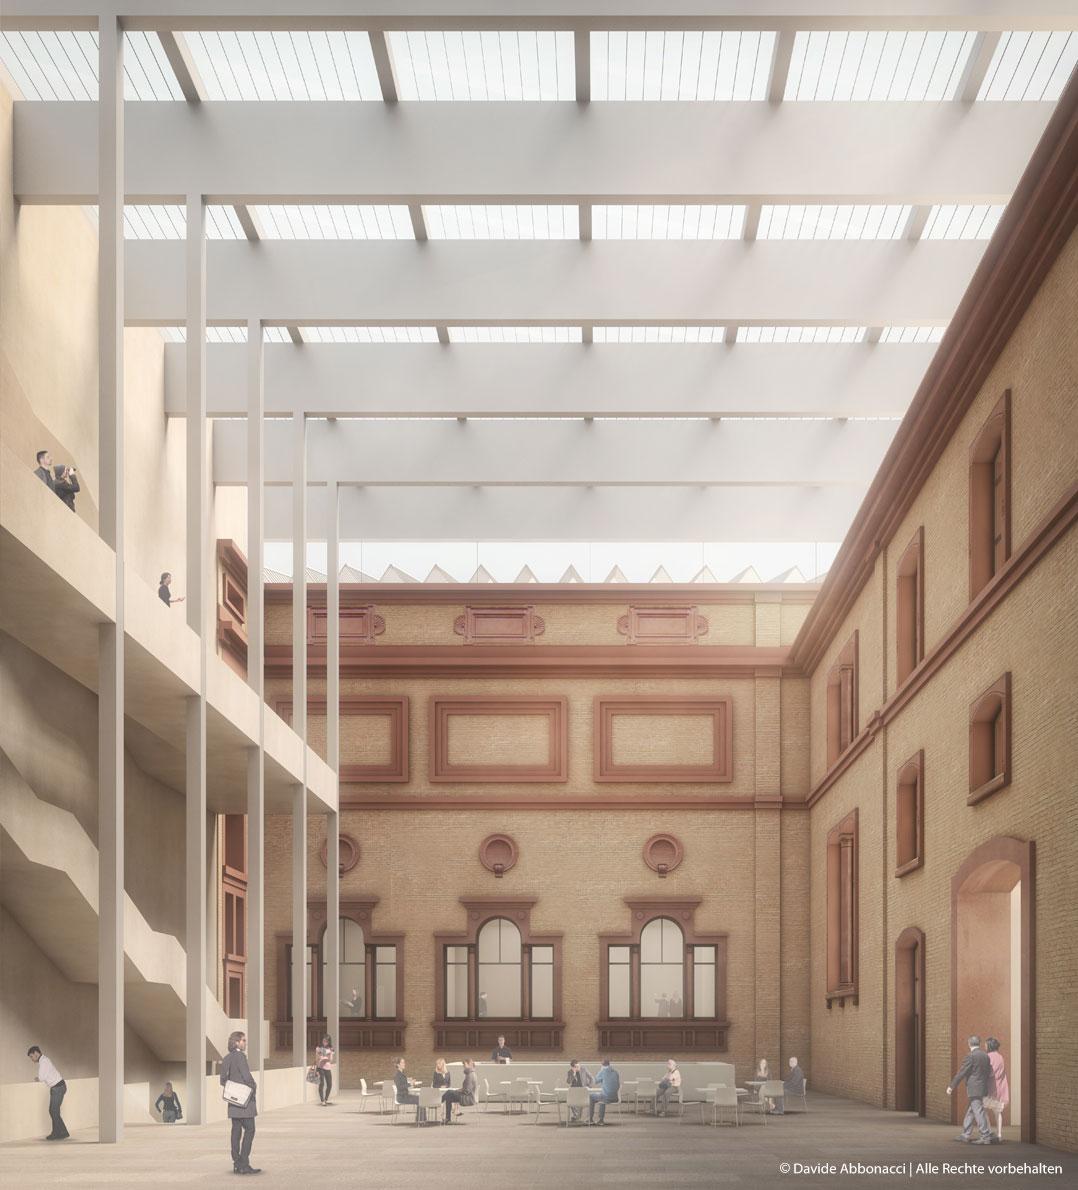 Staatliche Kunsthalle Karlsruhe | Kuehn Malvezzi Architekten | 2017 Wettbewerbsvisualisierung